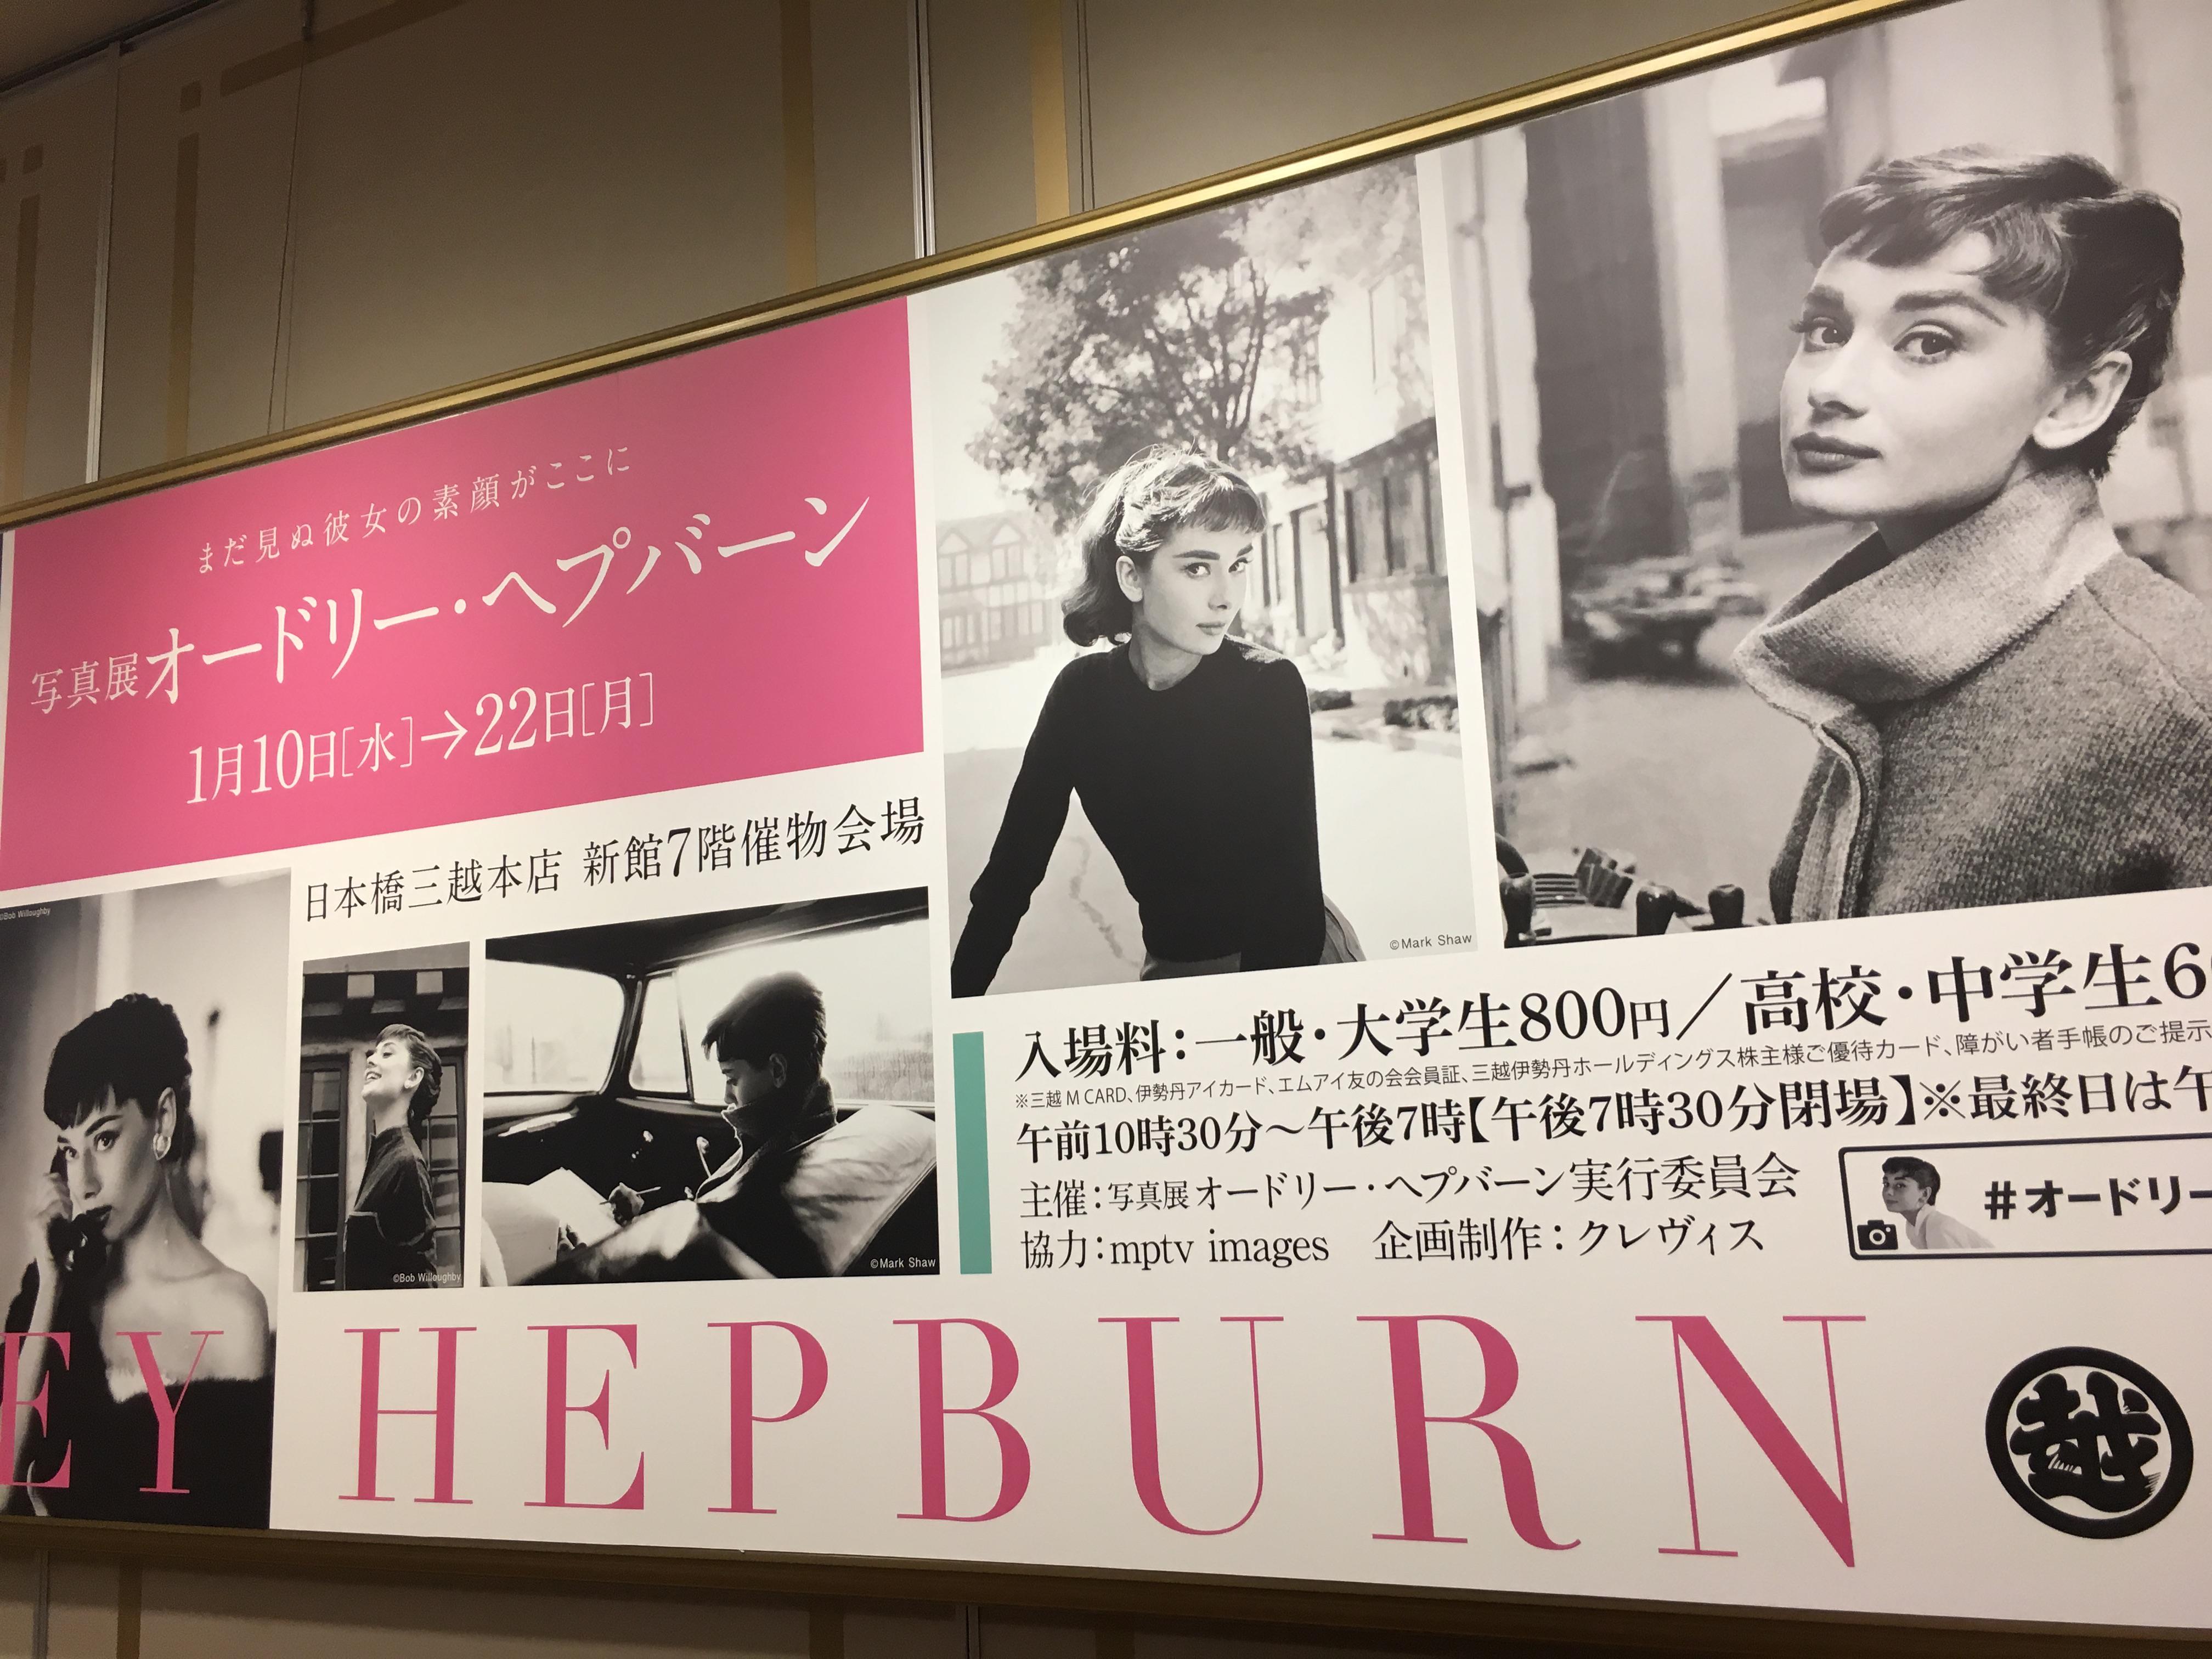 オードリーヘップバーン展で、女性を磨こう